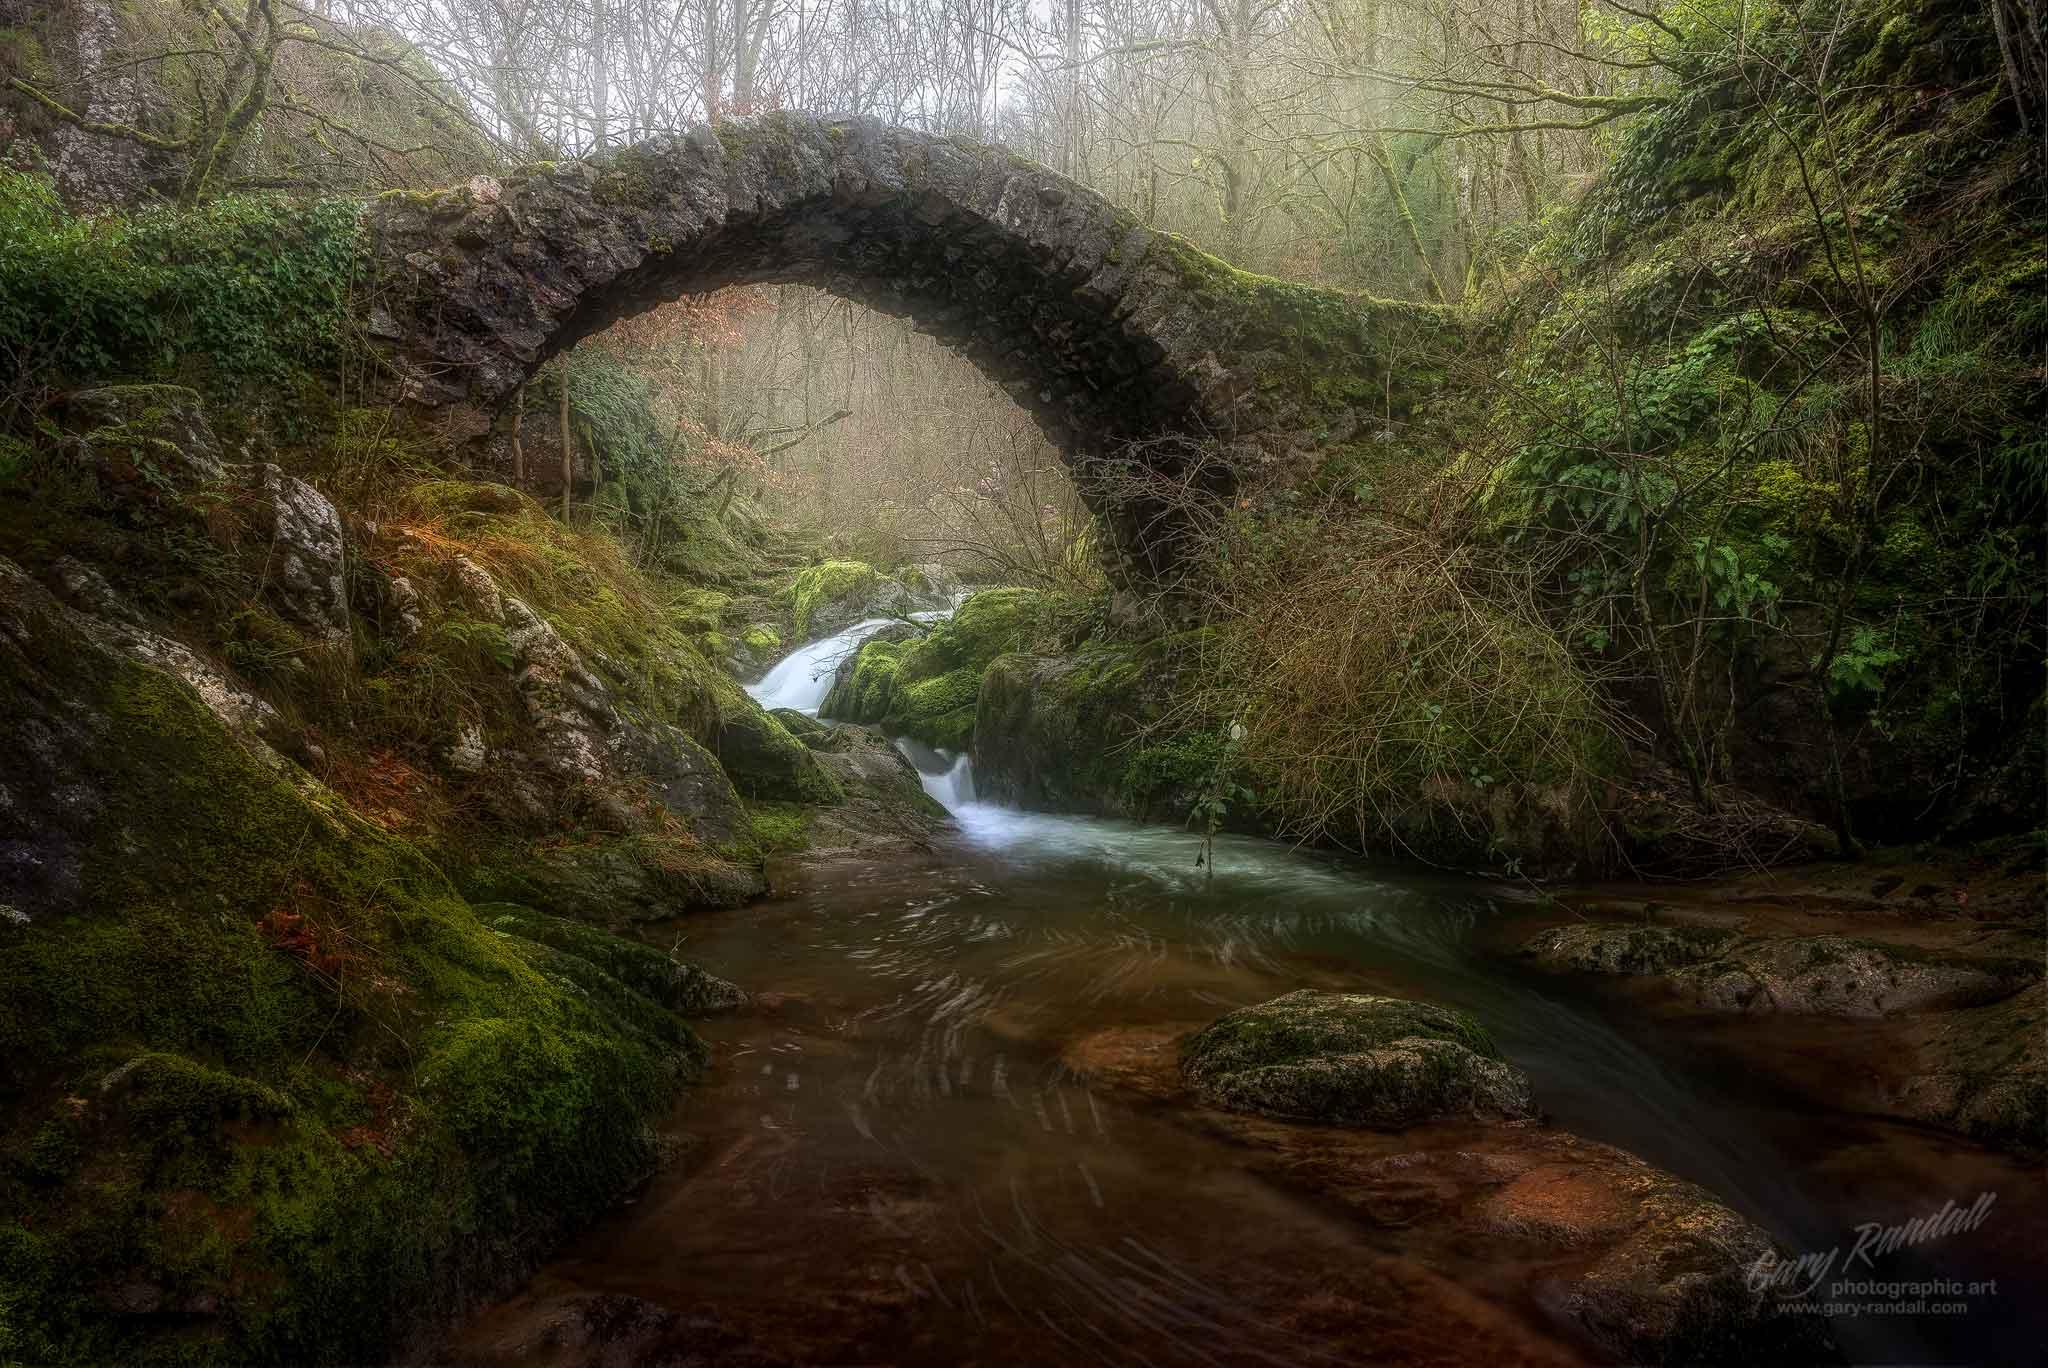 Pont du Parayre, Le Ruisseau d'Audiernes, Peyrusse le Roc, France